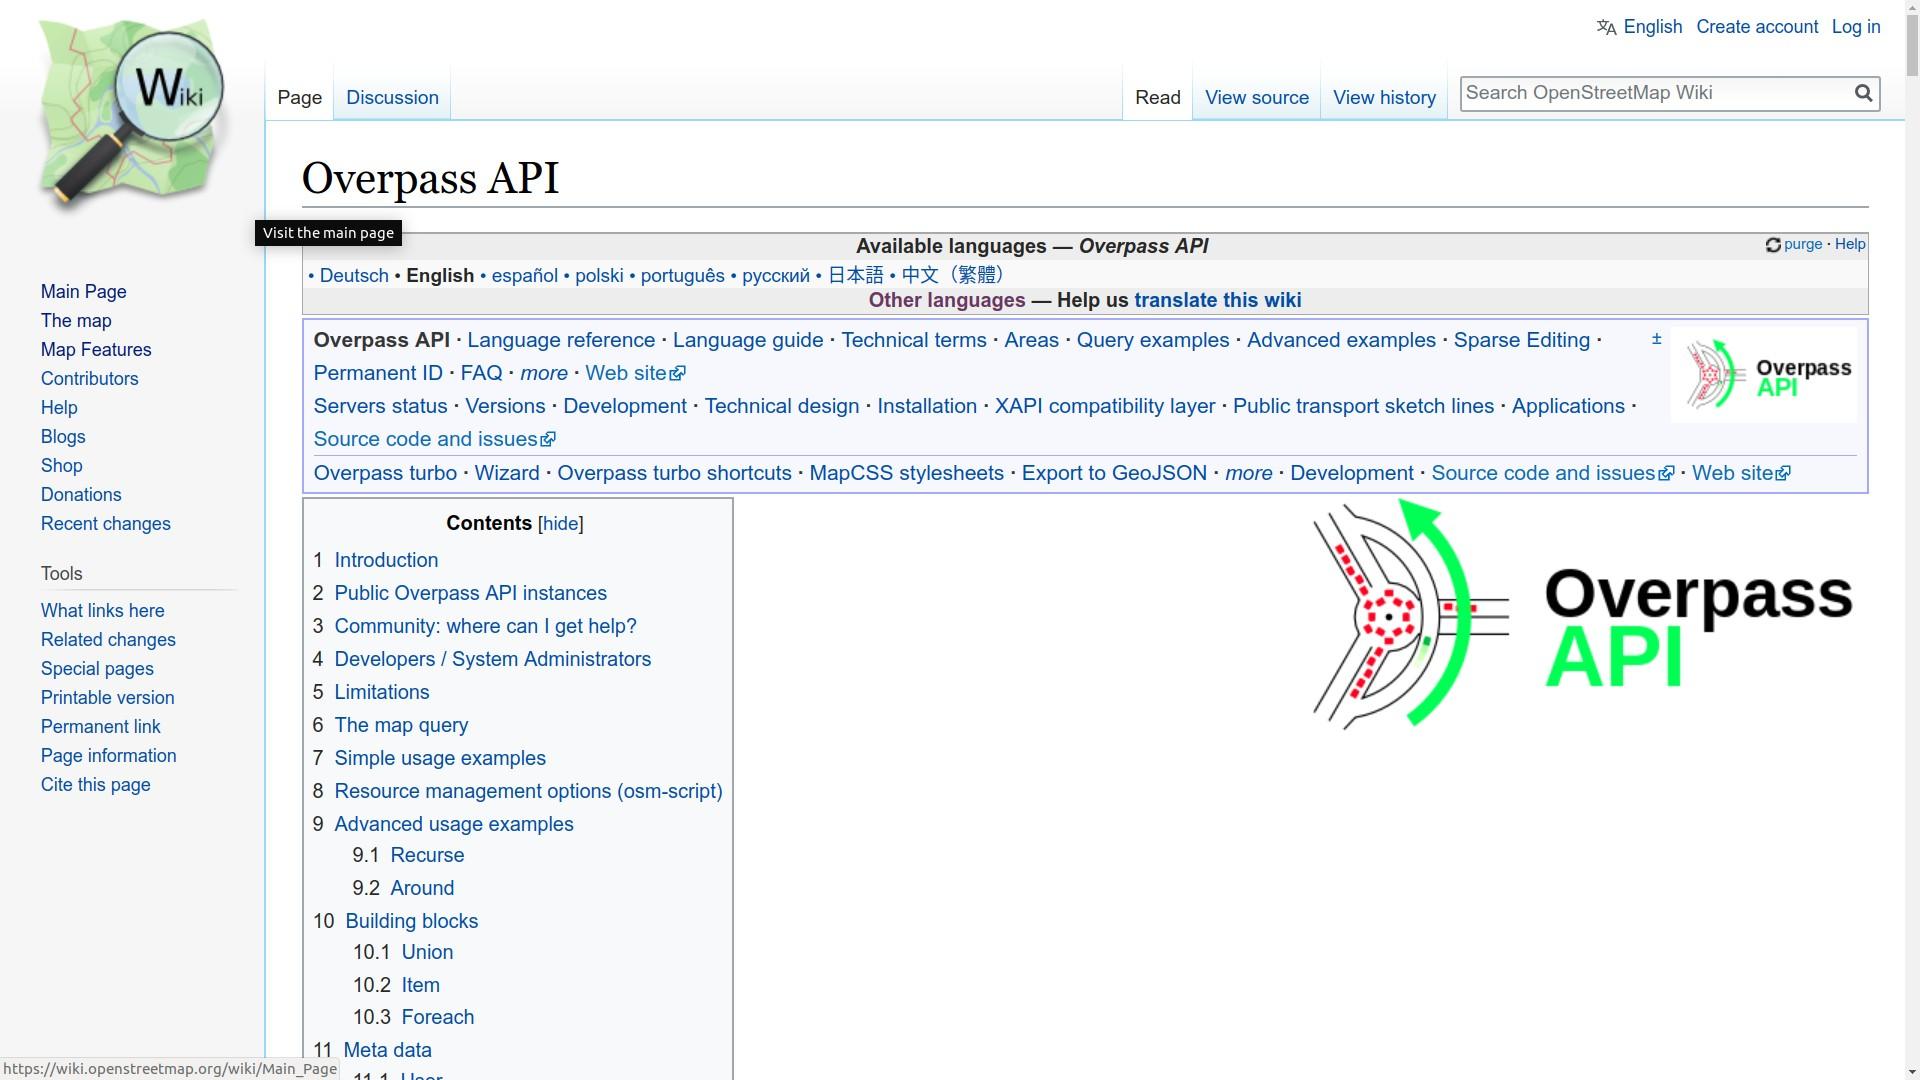 Overpass API